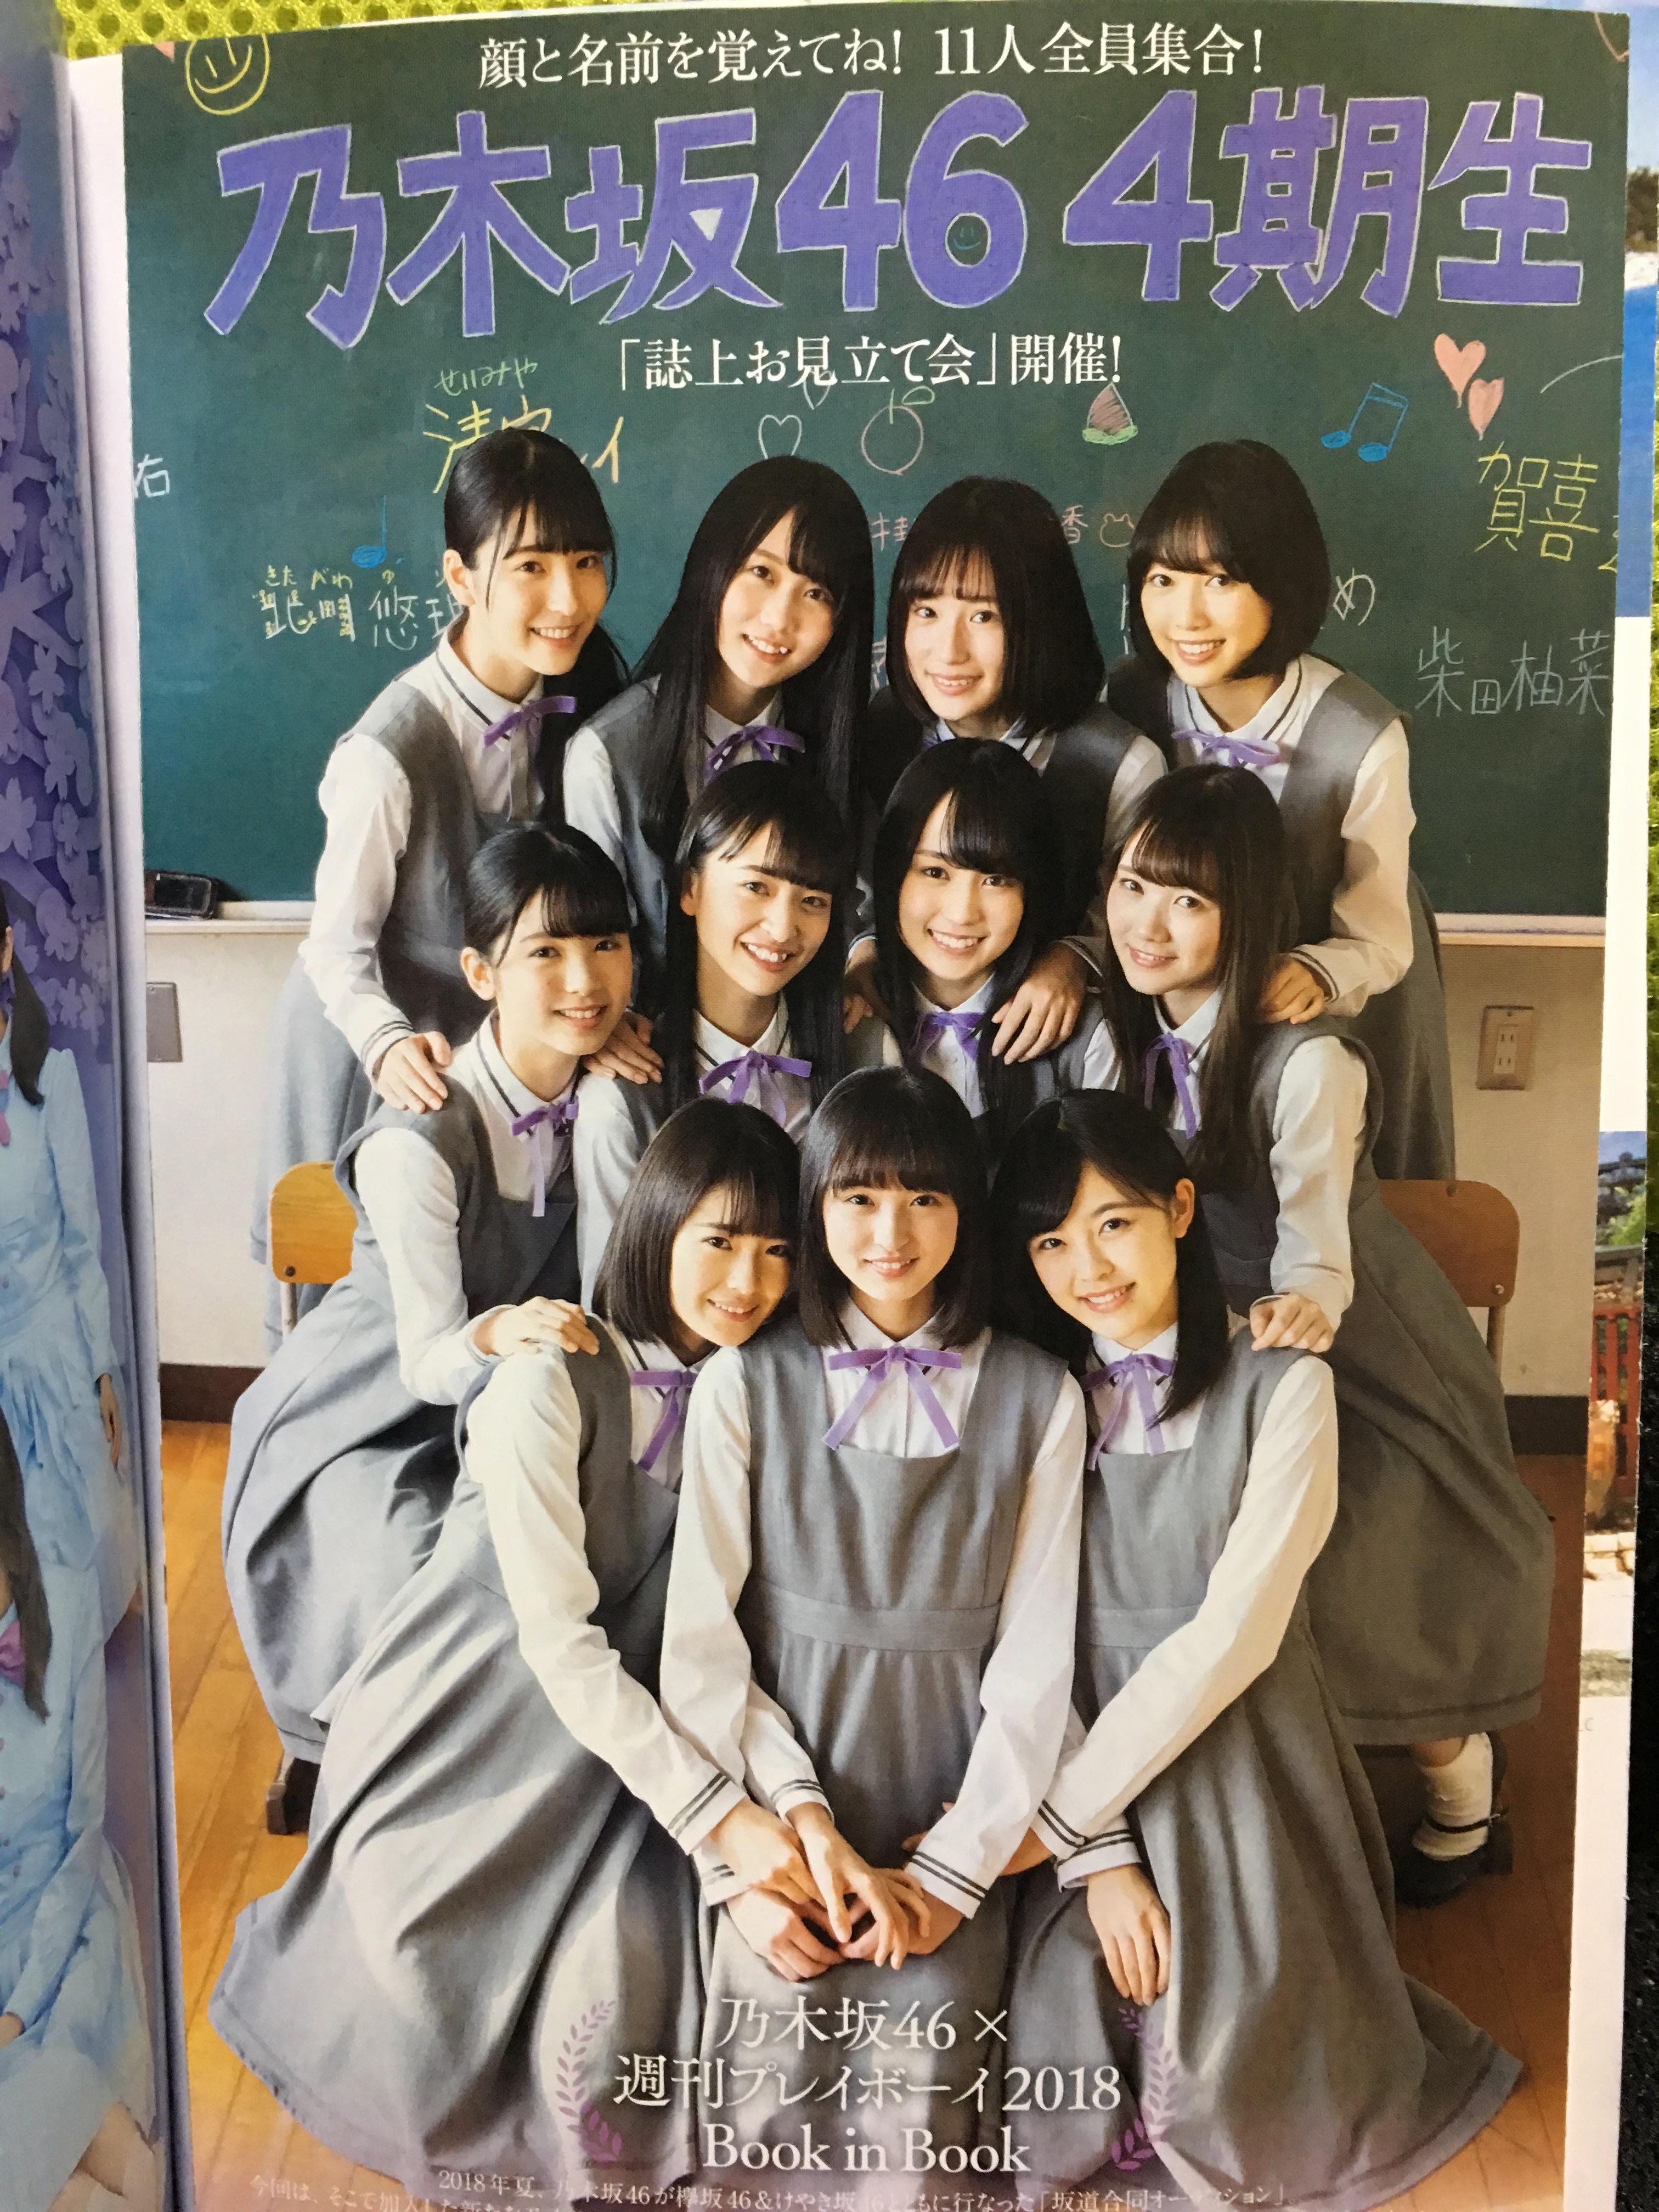 乃木坂46×週刊プレイボーイ2018 丸ごと一冊「乃木坂46」増刊